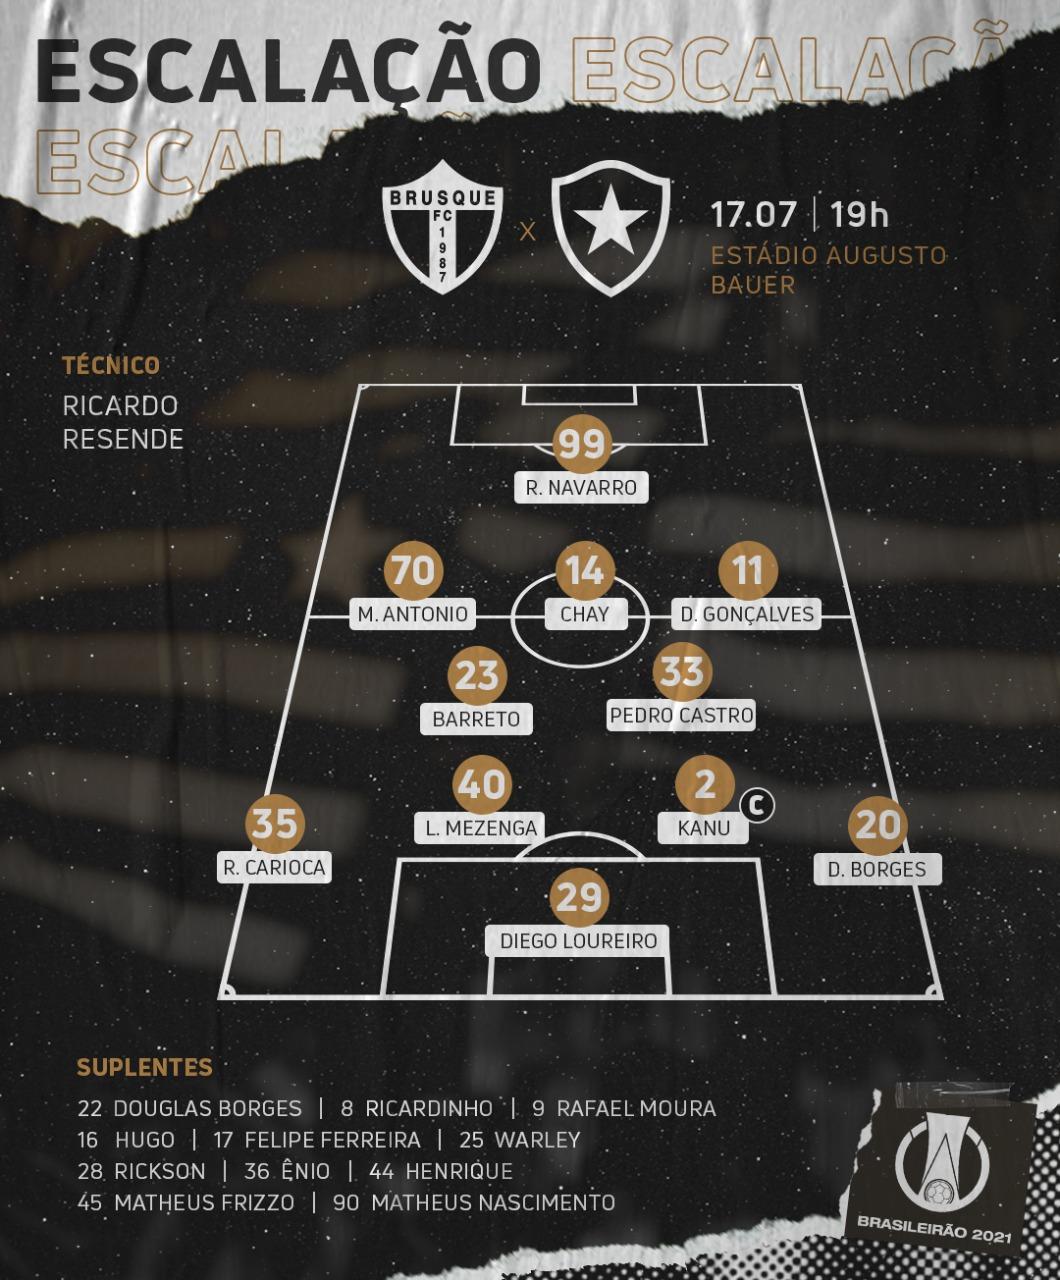 Botafogo escalado para pegar o Brusque pela Série B